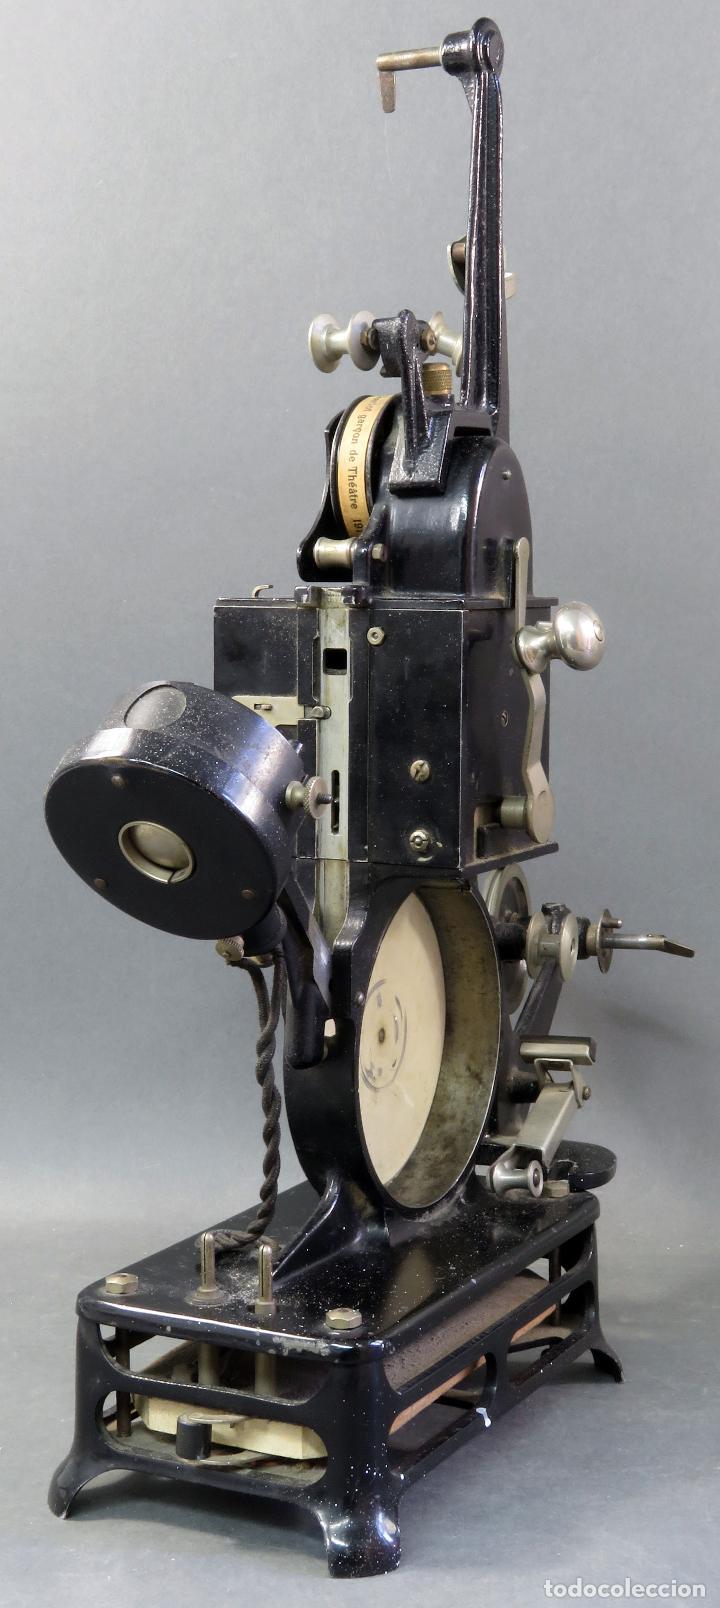 Juguetes Antiguos: Proyector Pathé Baby 9,5 mm con una película hacia 1920 - Foto 6 - 128980255